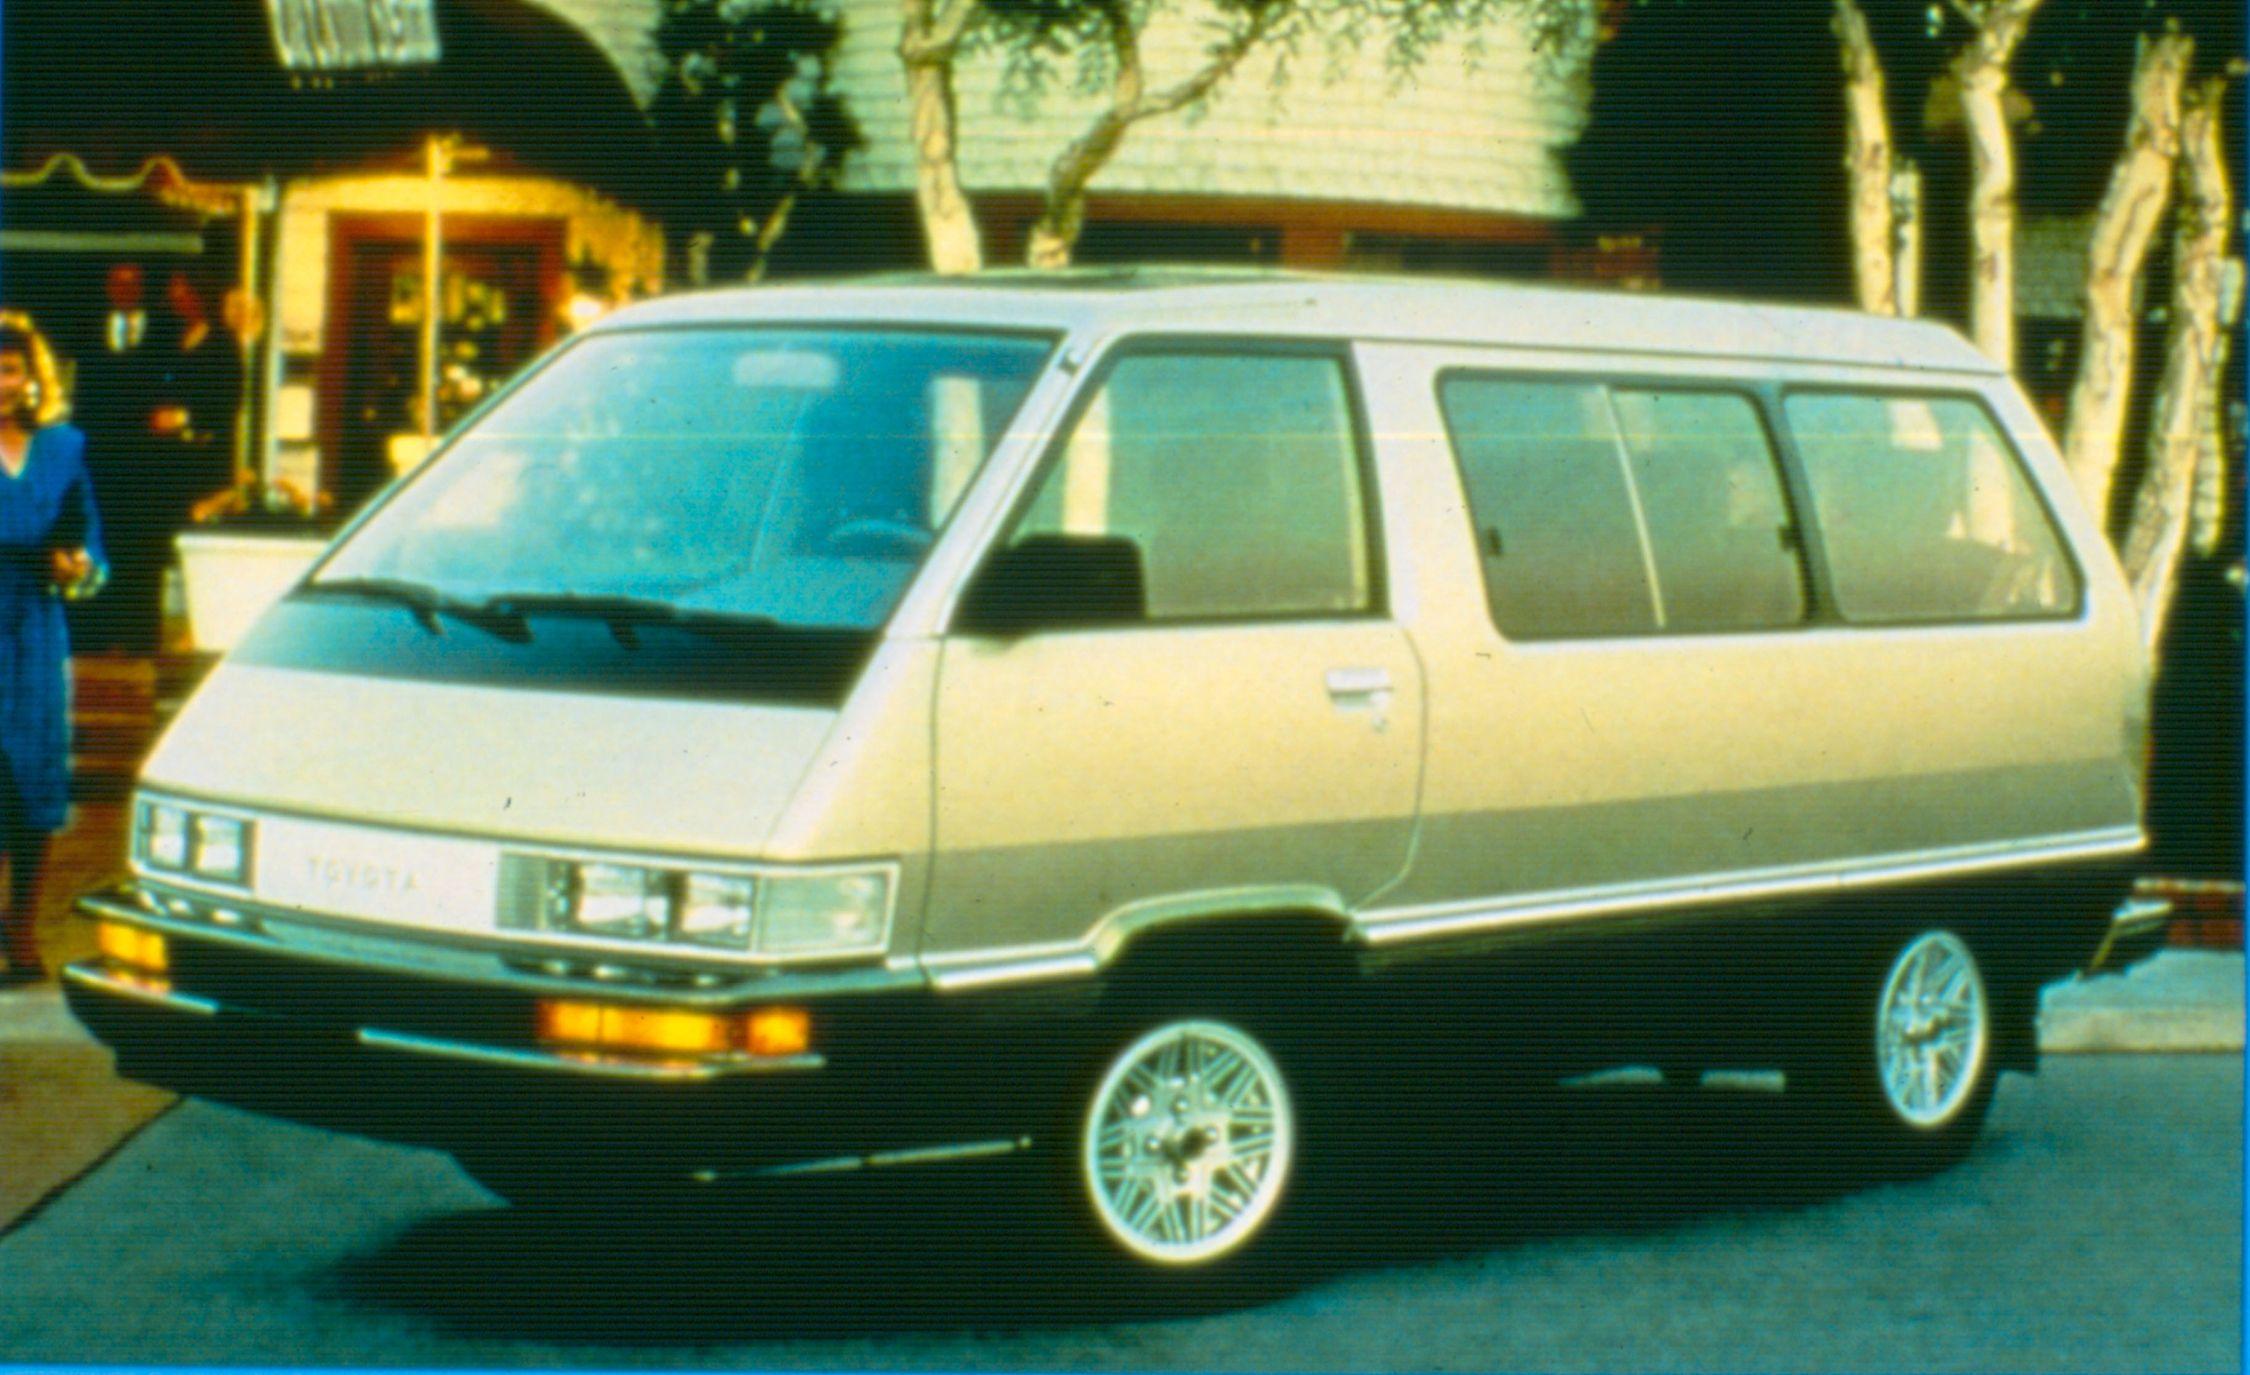 weirdest minivans of all time weirdest minivans of all time